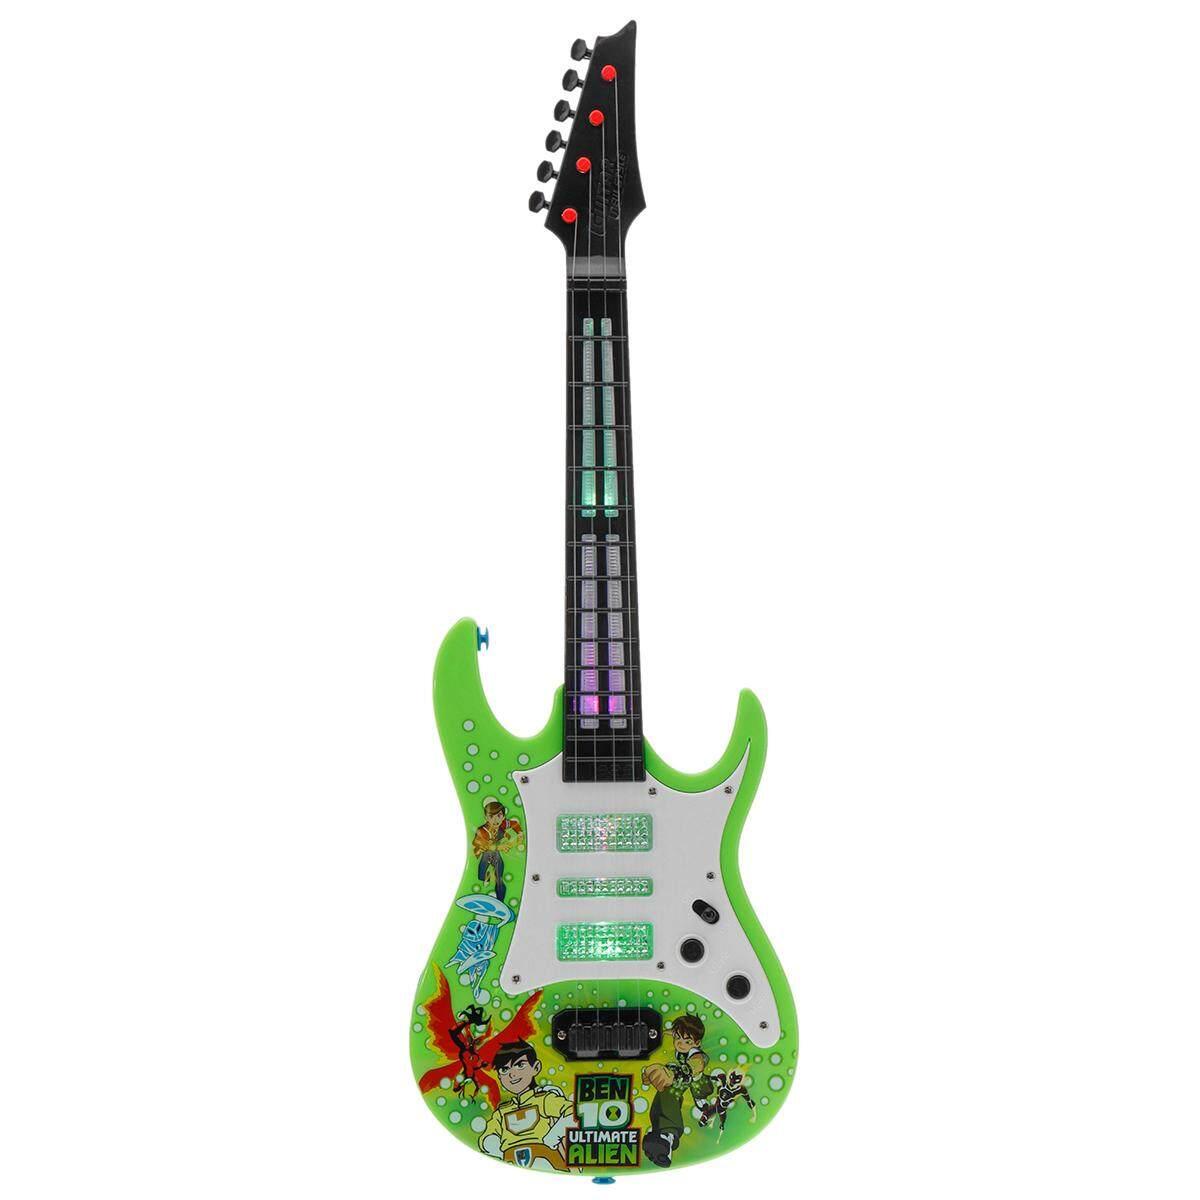 Đồ Chơi Nhạc Cụ Guitar Điện 4 Dây Cho Trẻ Em Âm Nhạc Sáng Tạo Đồ Chơi Quà Tặng Sinh Nhật Cho Trẻ Em Guitar Mini